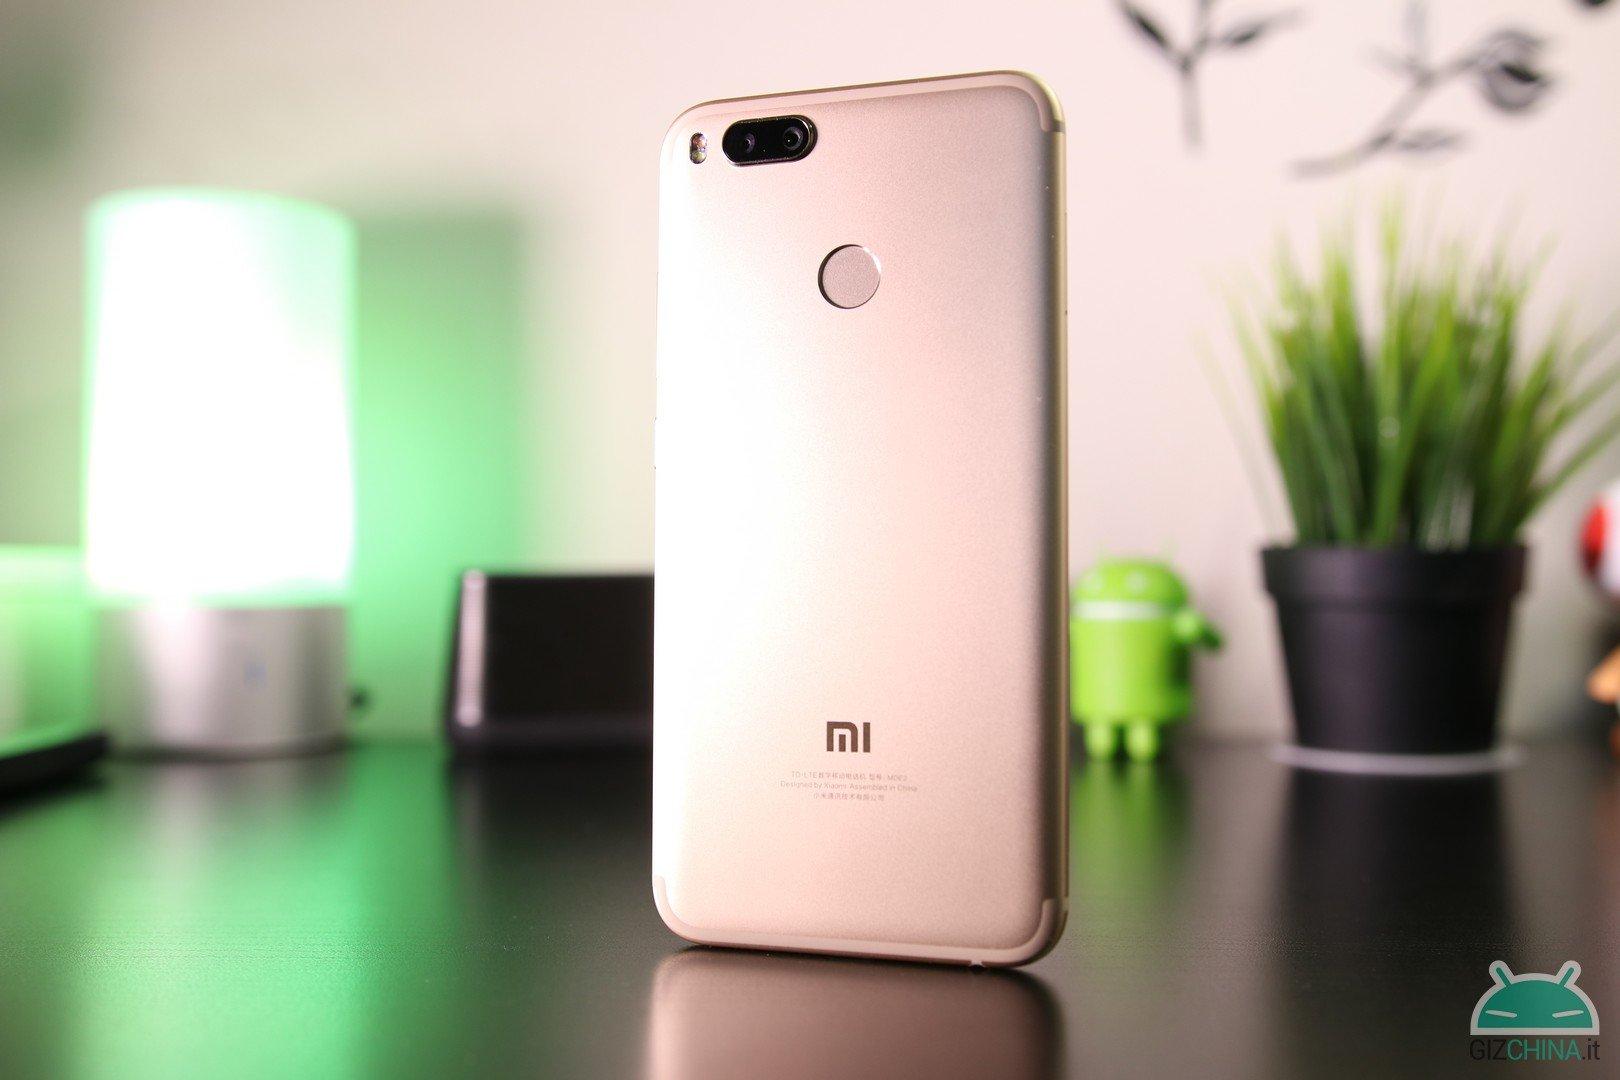 Xiaomi Mi 5X foto do telefone